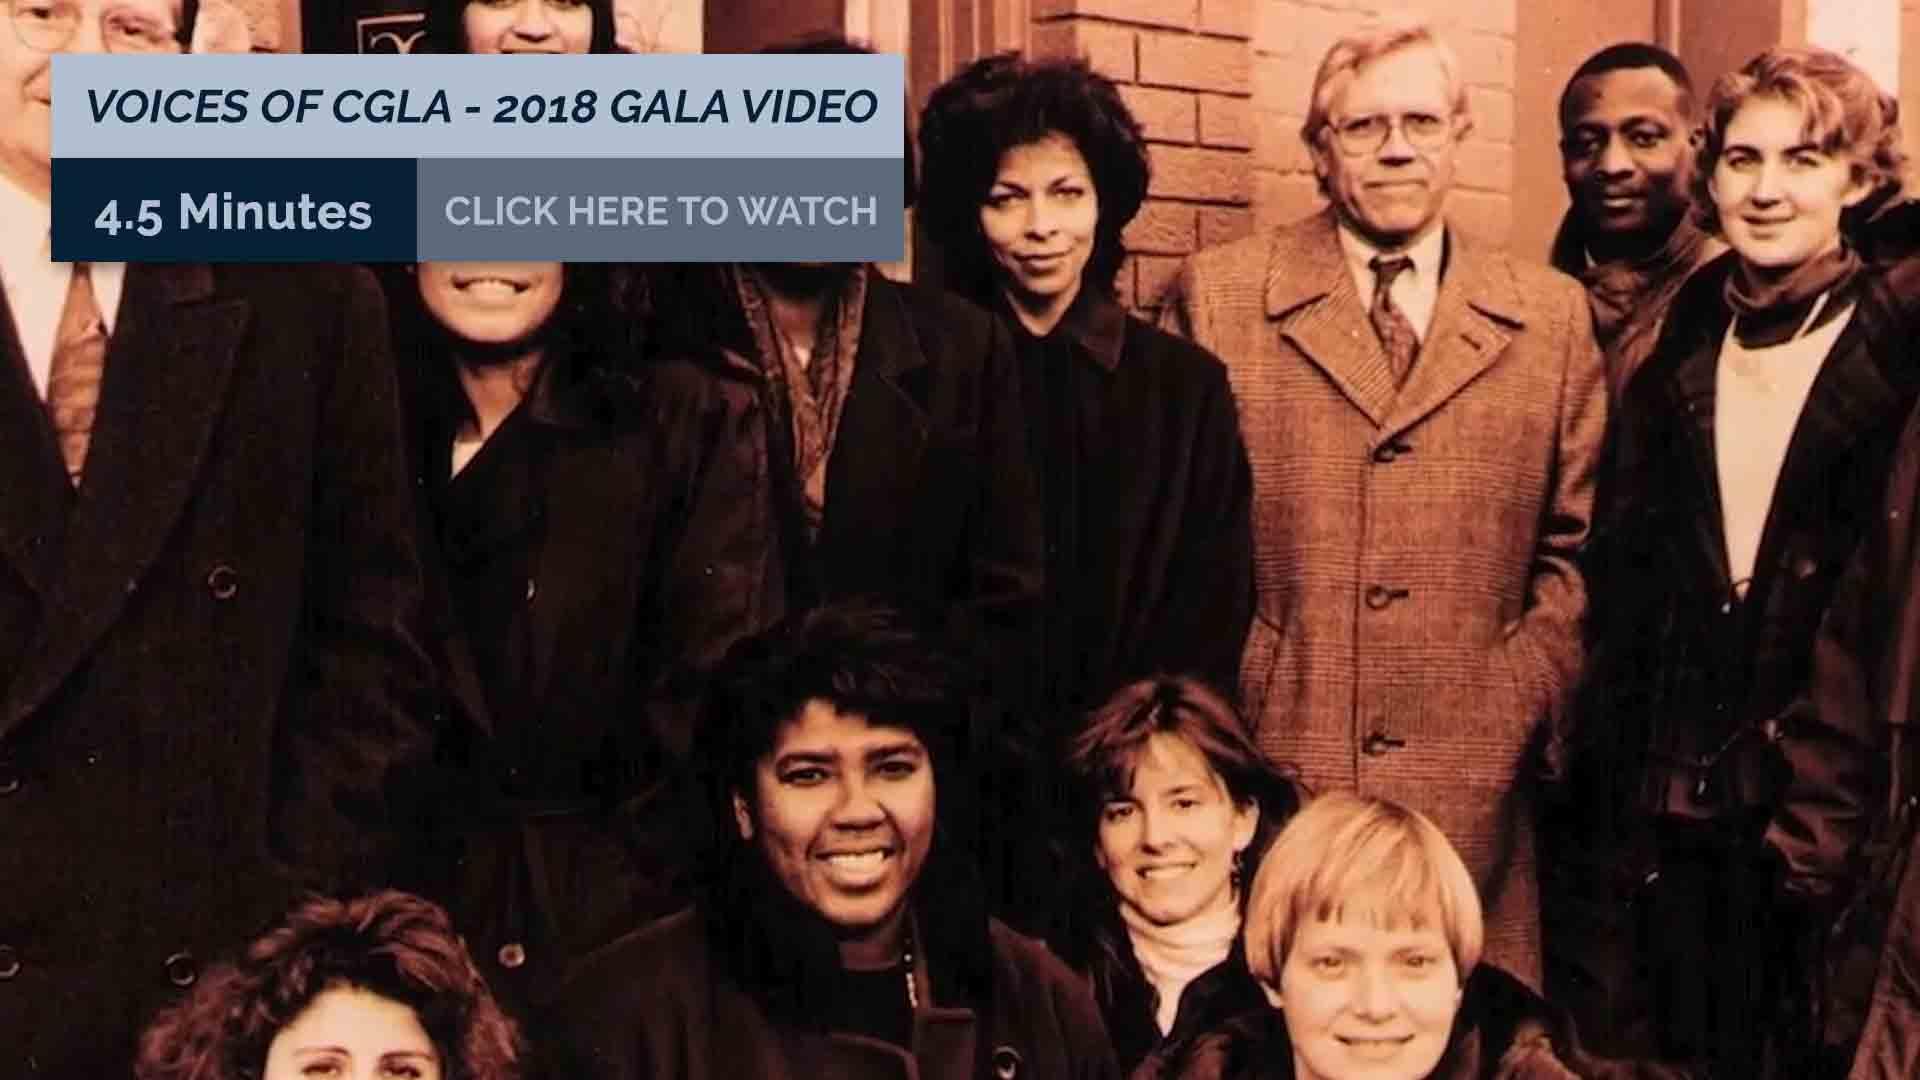 Voices of CGLA